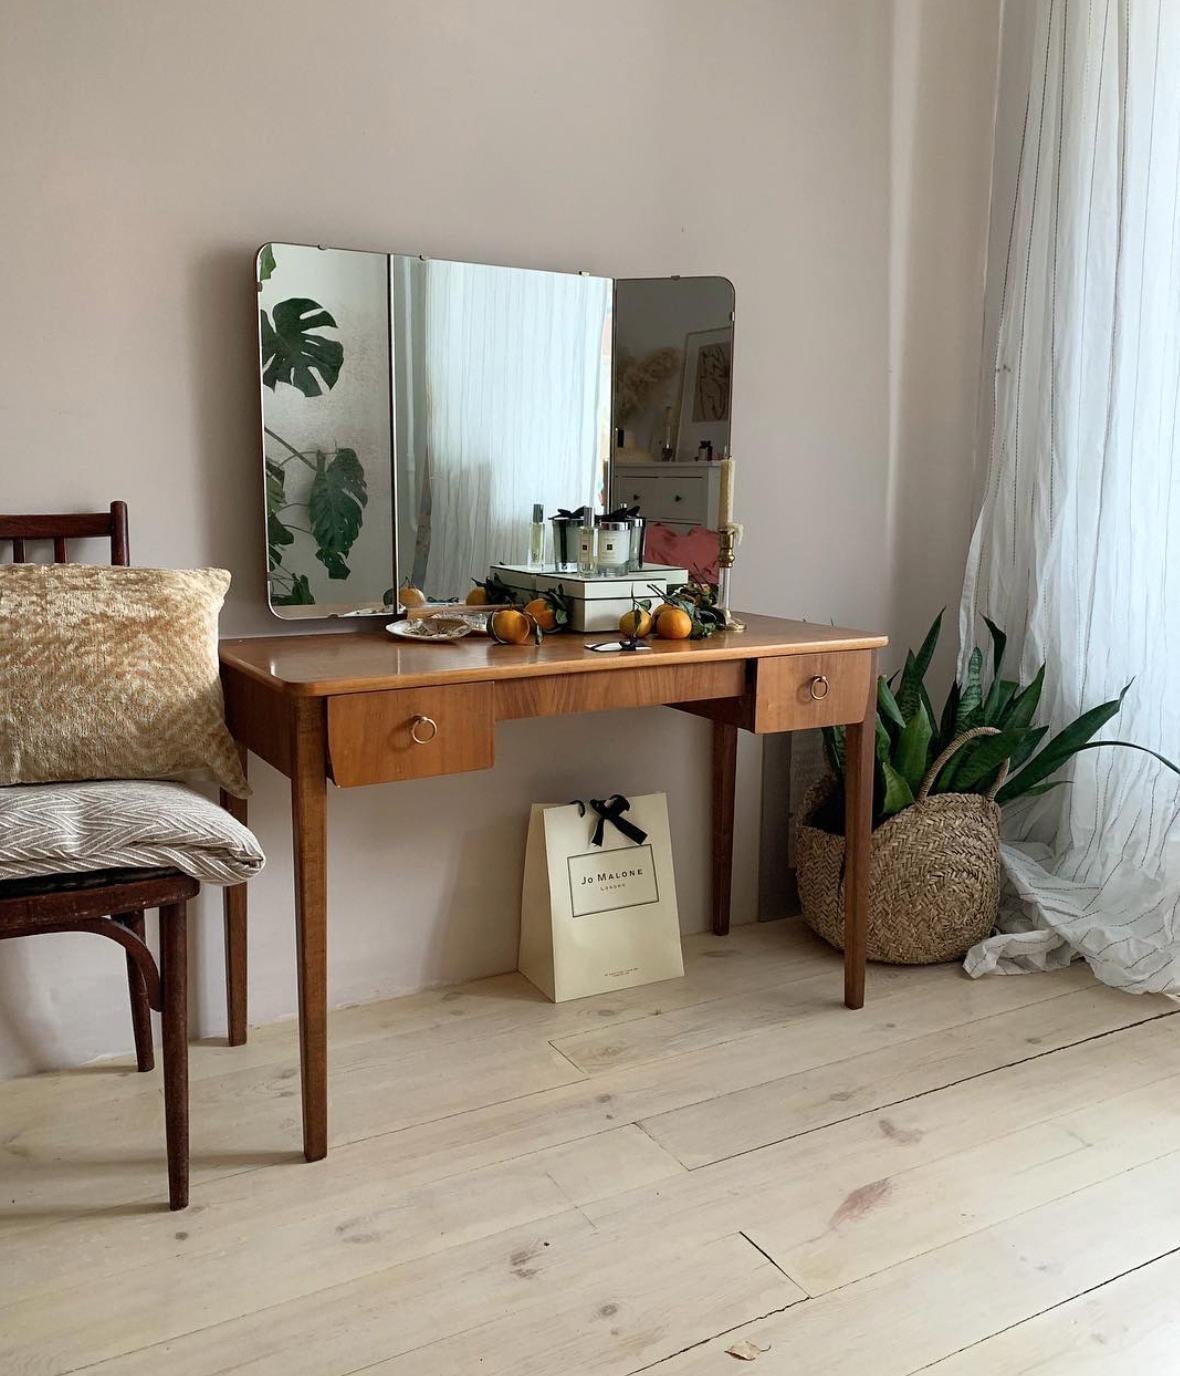 Epingle Sur Living Room Remodeling